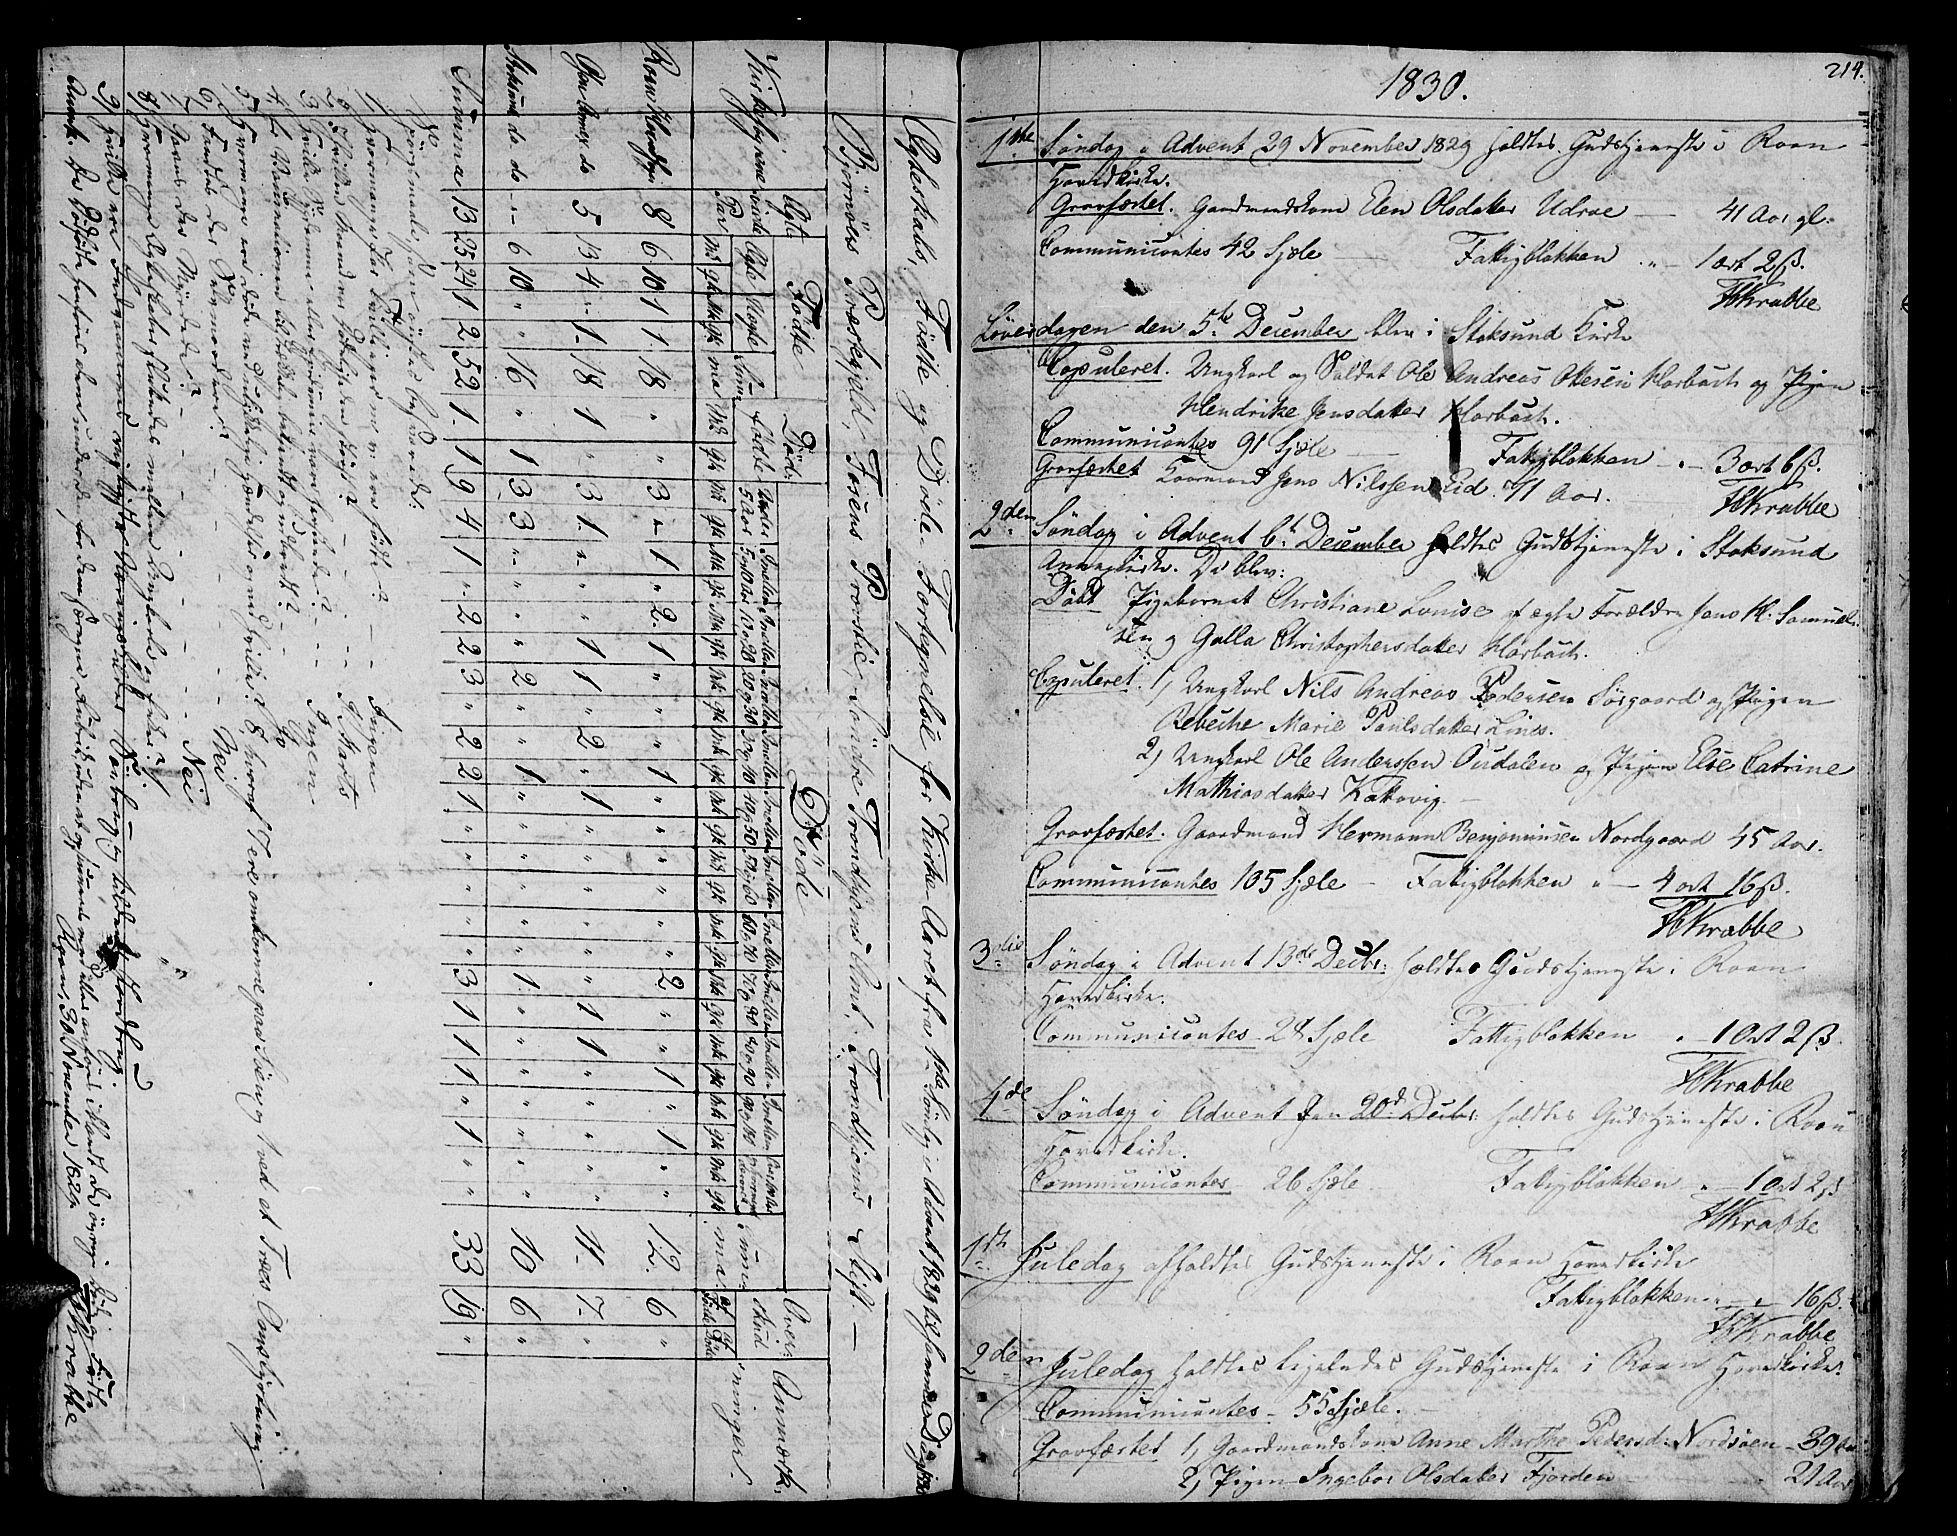 SAT, Ministerialprotokoller, klokkerbøker og fødselsregistre - Sør-Trøndelag, 657/L0701: Ministerialbok nr. 657A02, 1802-1831, s. 214